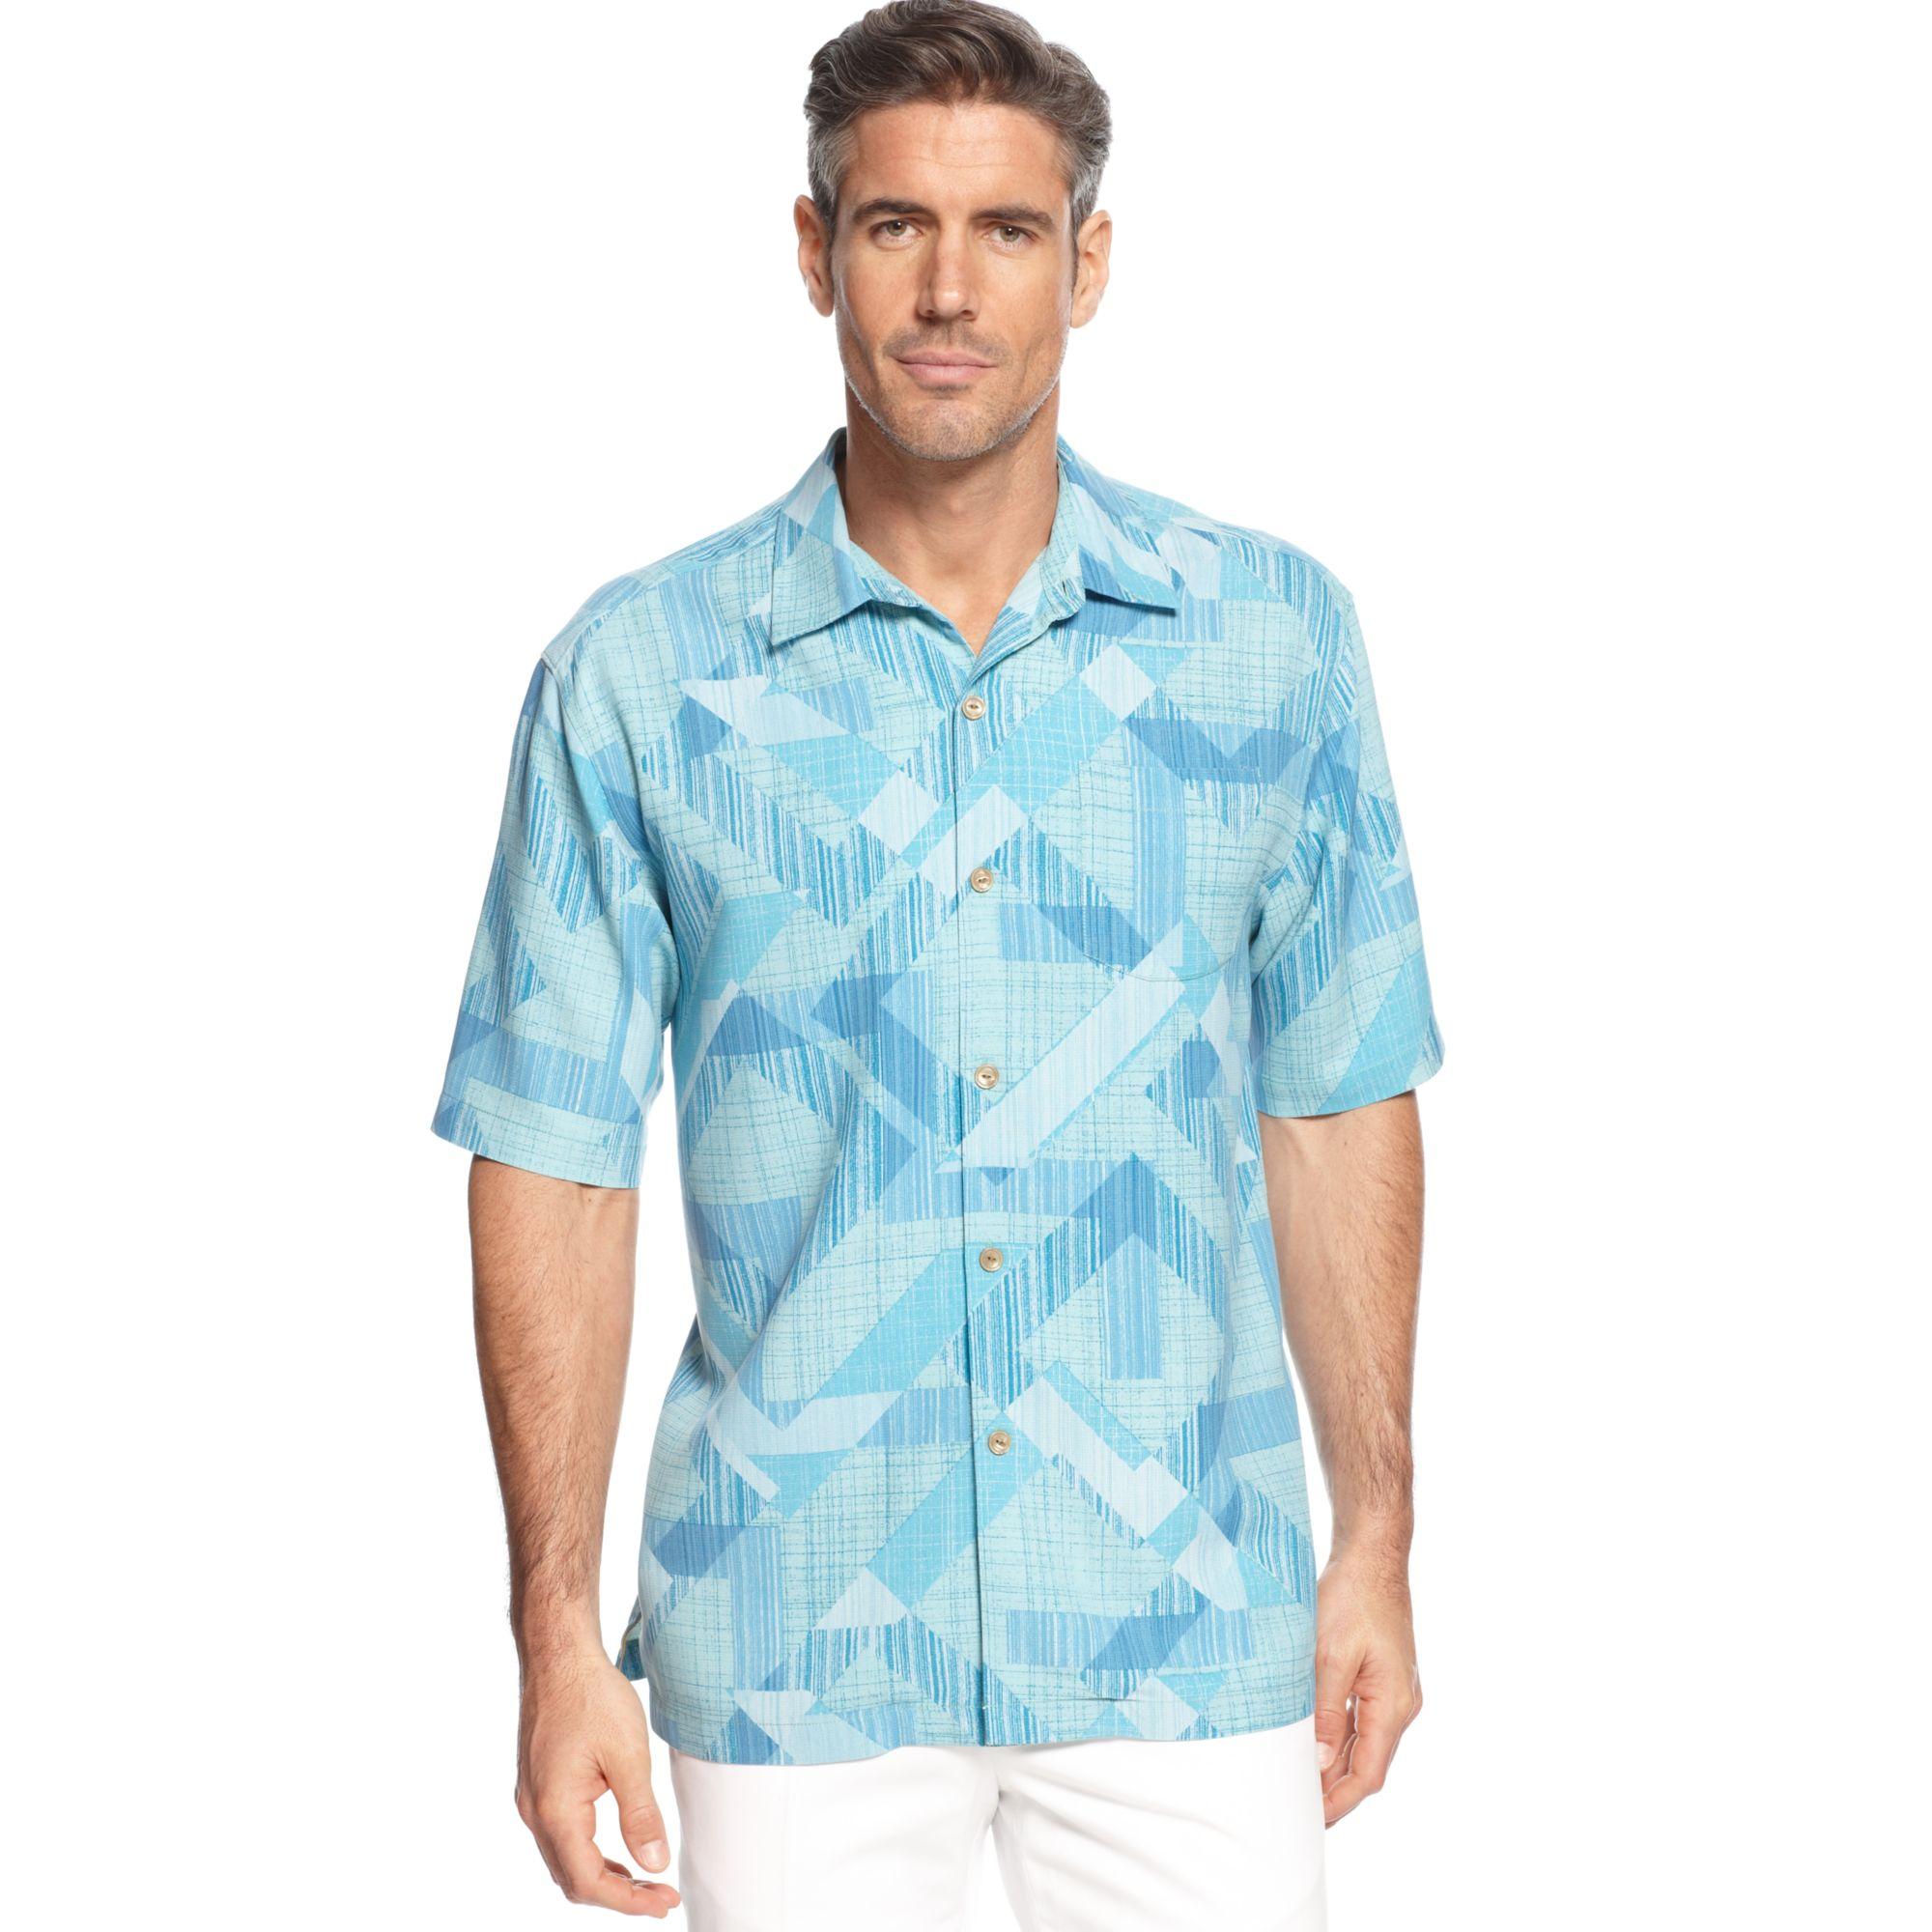 Tommy Bahama Santiago Squares Shirt In Blue For Men